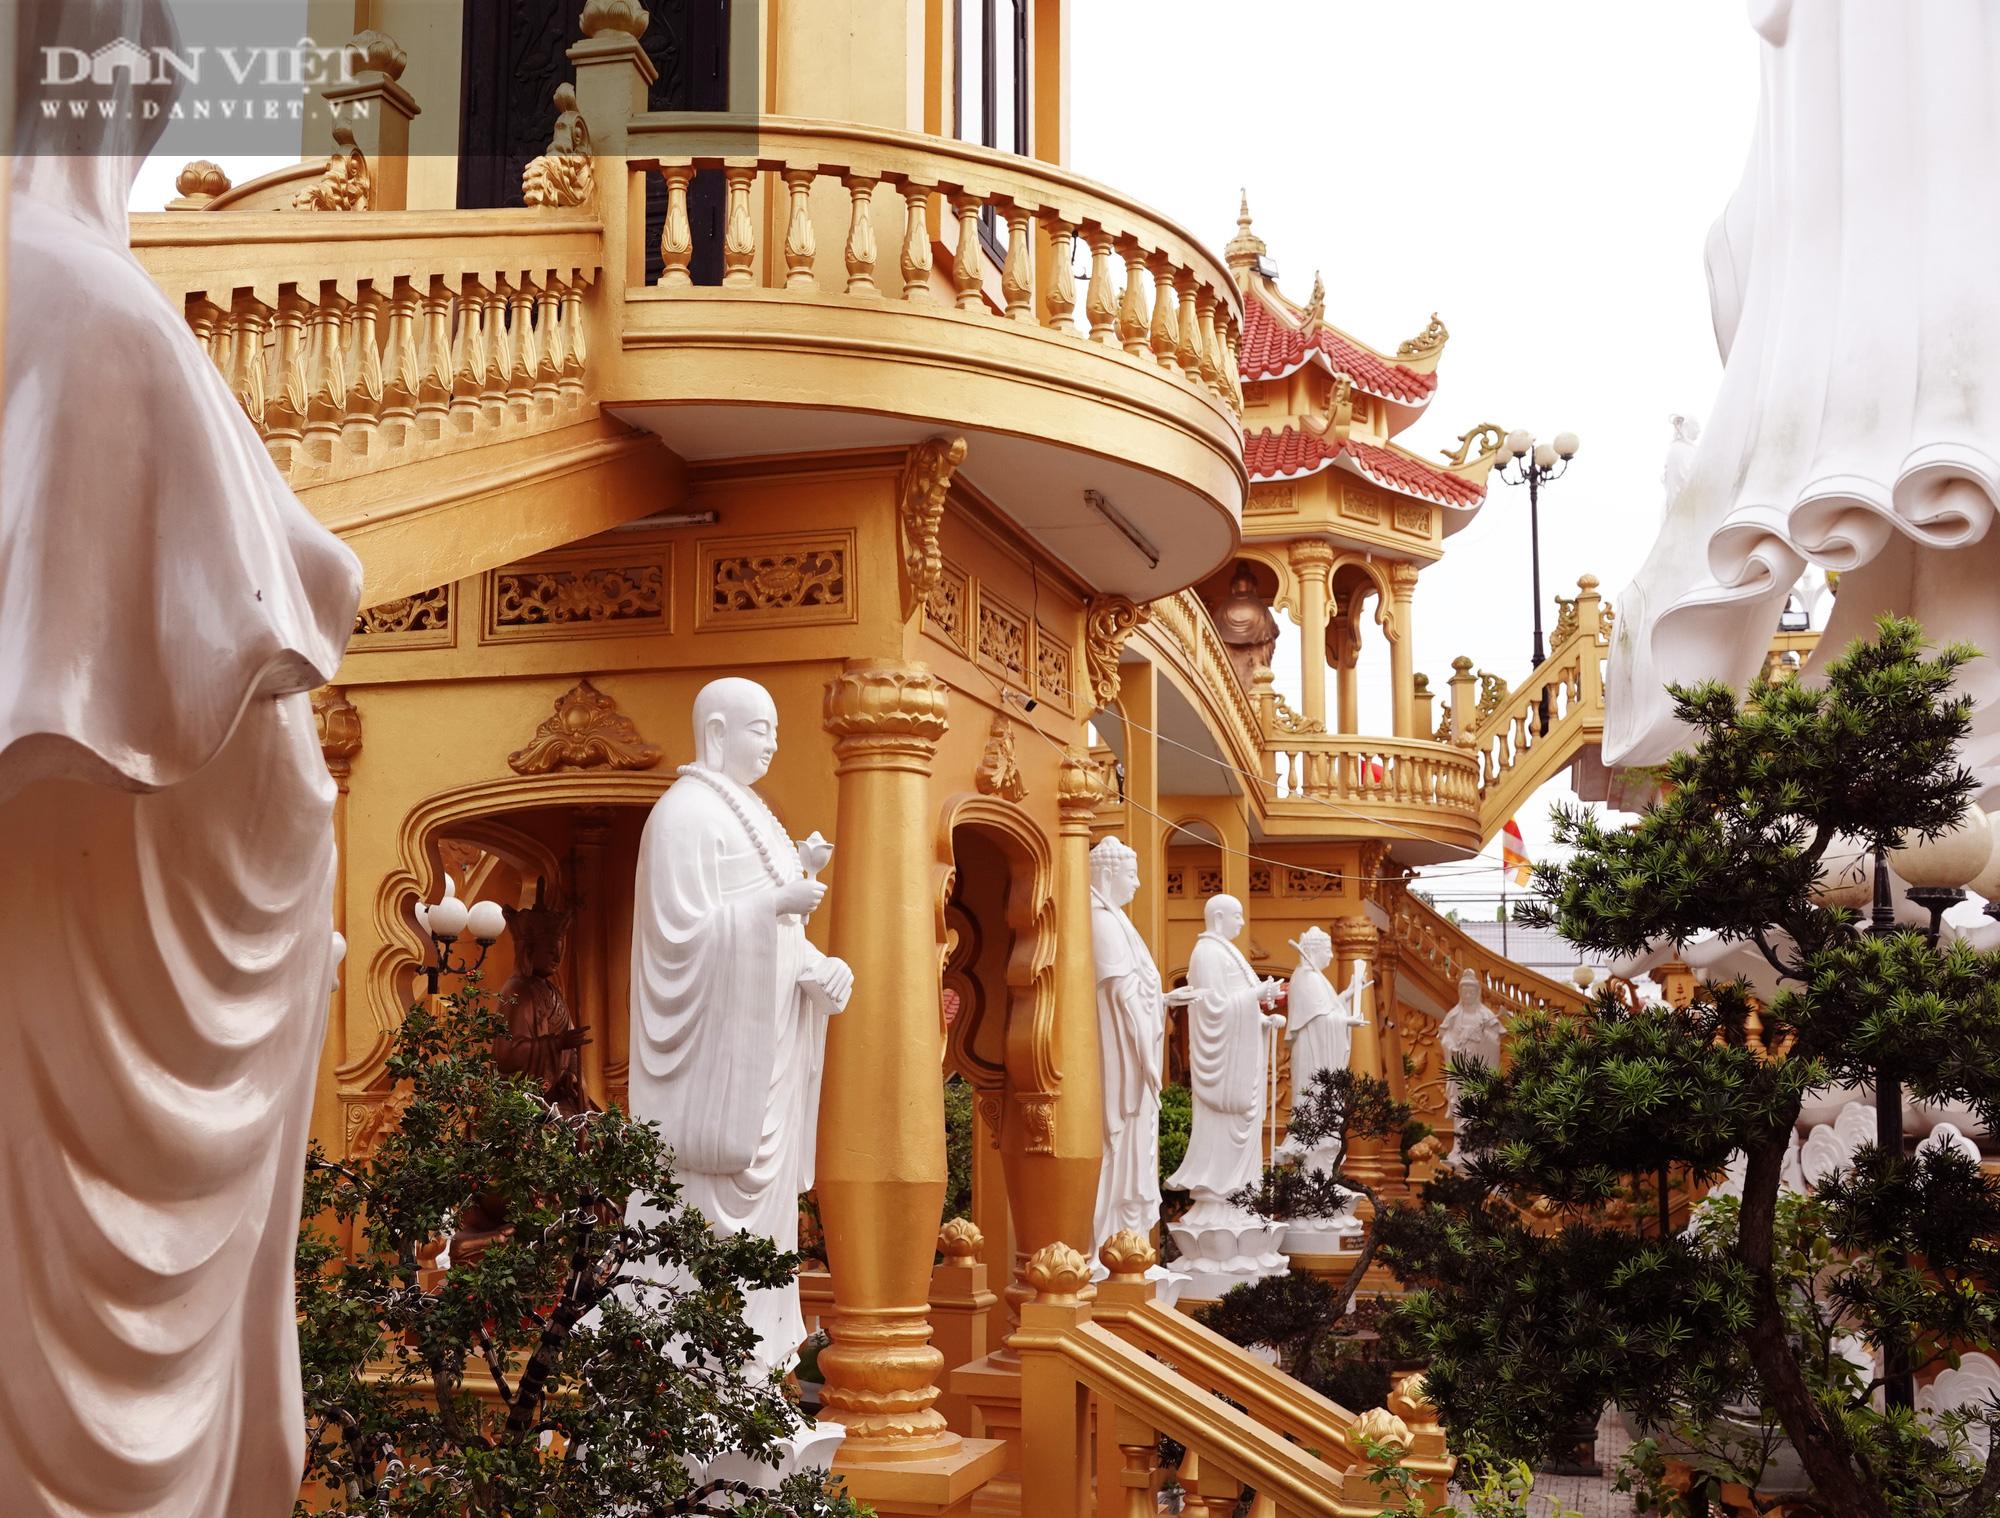 Ngôi chùa ở Cù Lao Giêng với quần thể tượng Phật đạt kỷ lục Việt Nam có gì đặc biệt? - Ảnh 9.